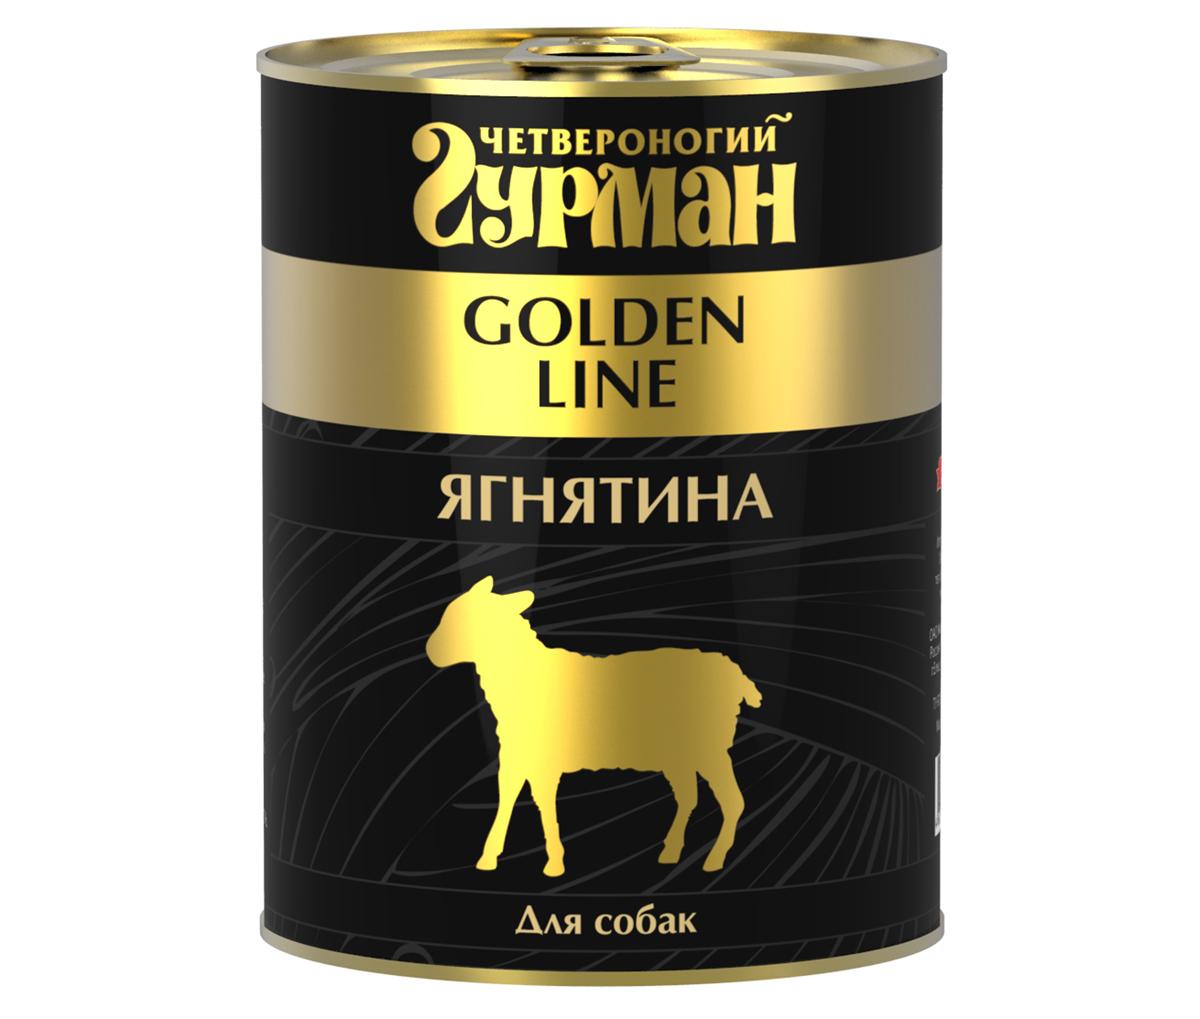 """Консервы для собак """"Четвероногий Гурман"""", с ягненком, 340 г"""